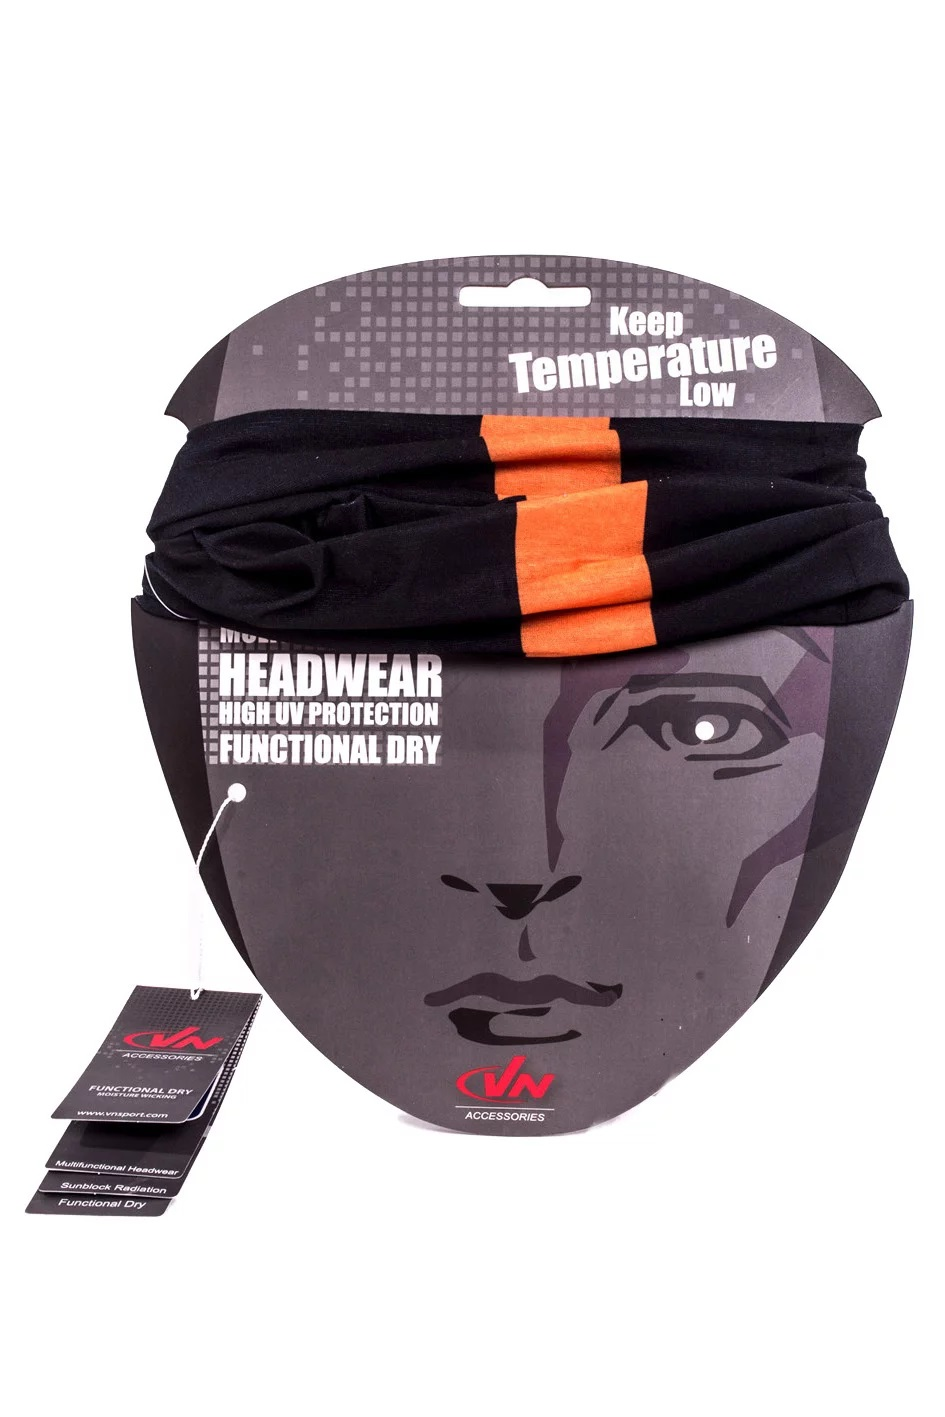 אביזרים VN לגברים VN MultiFunctional Headwear - שחור/כתום